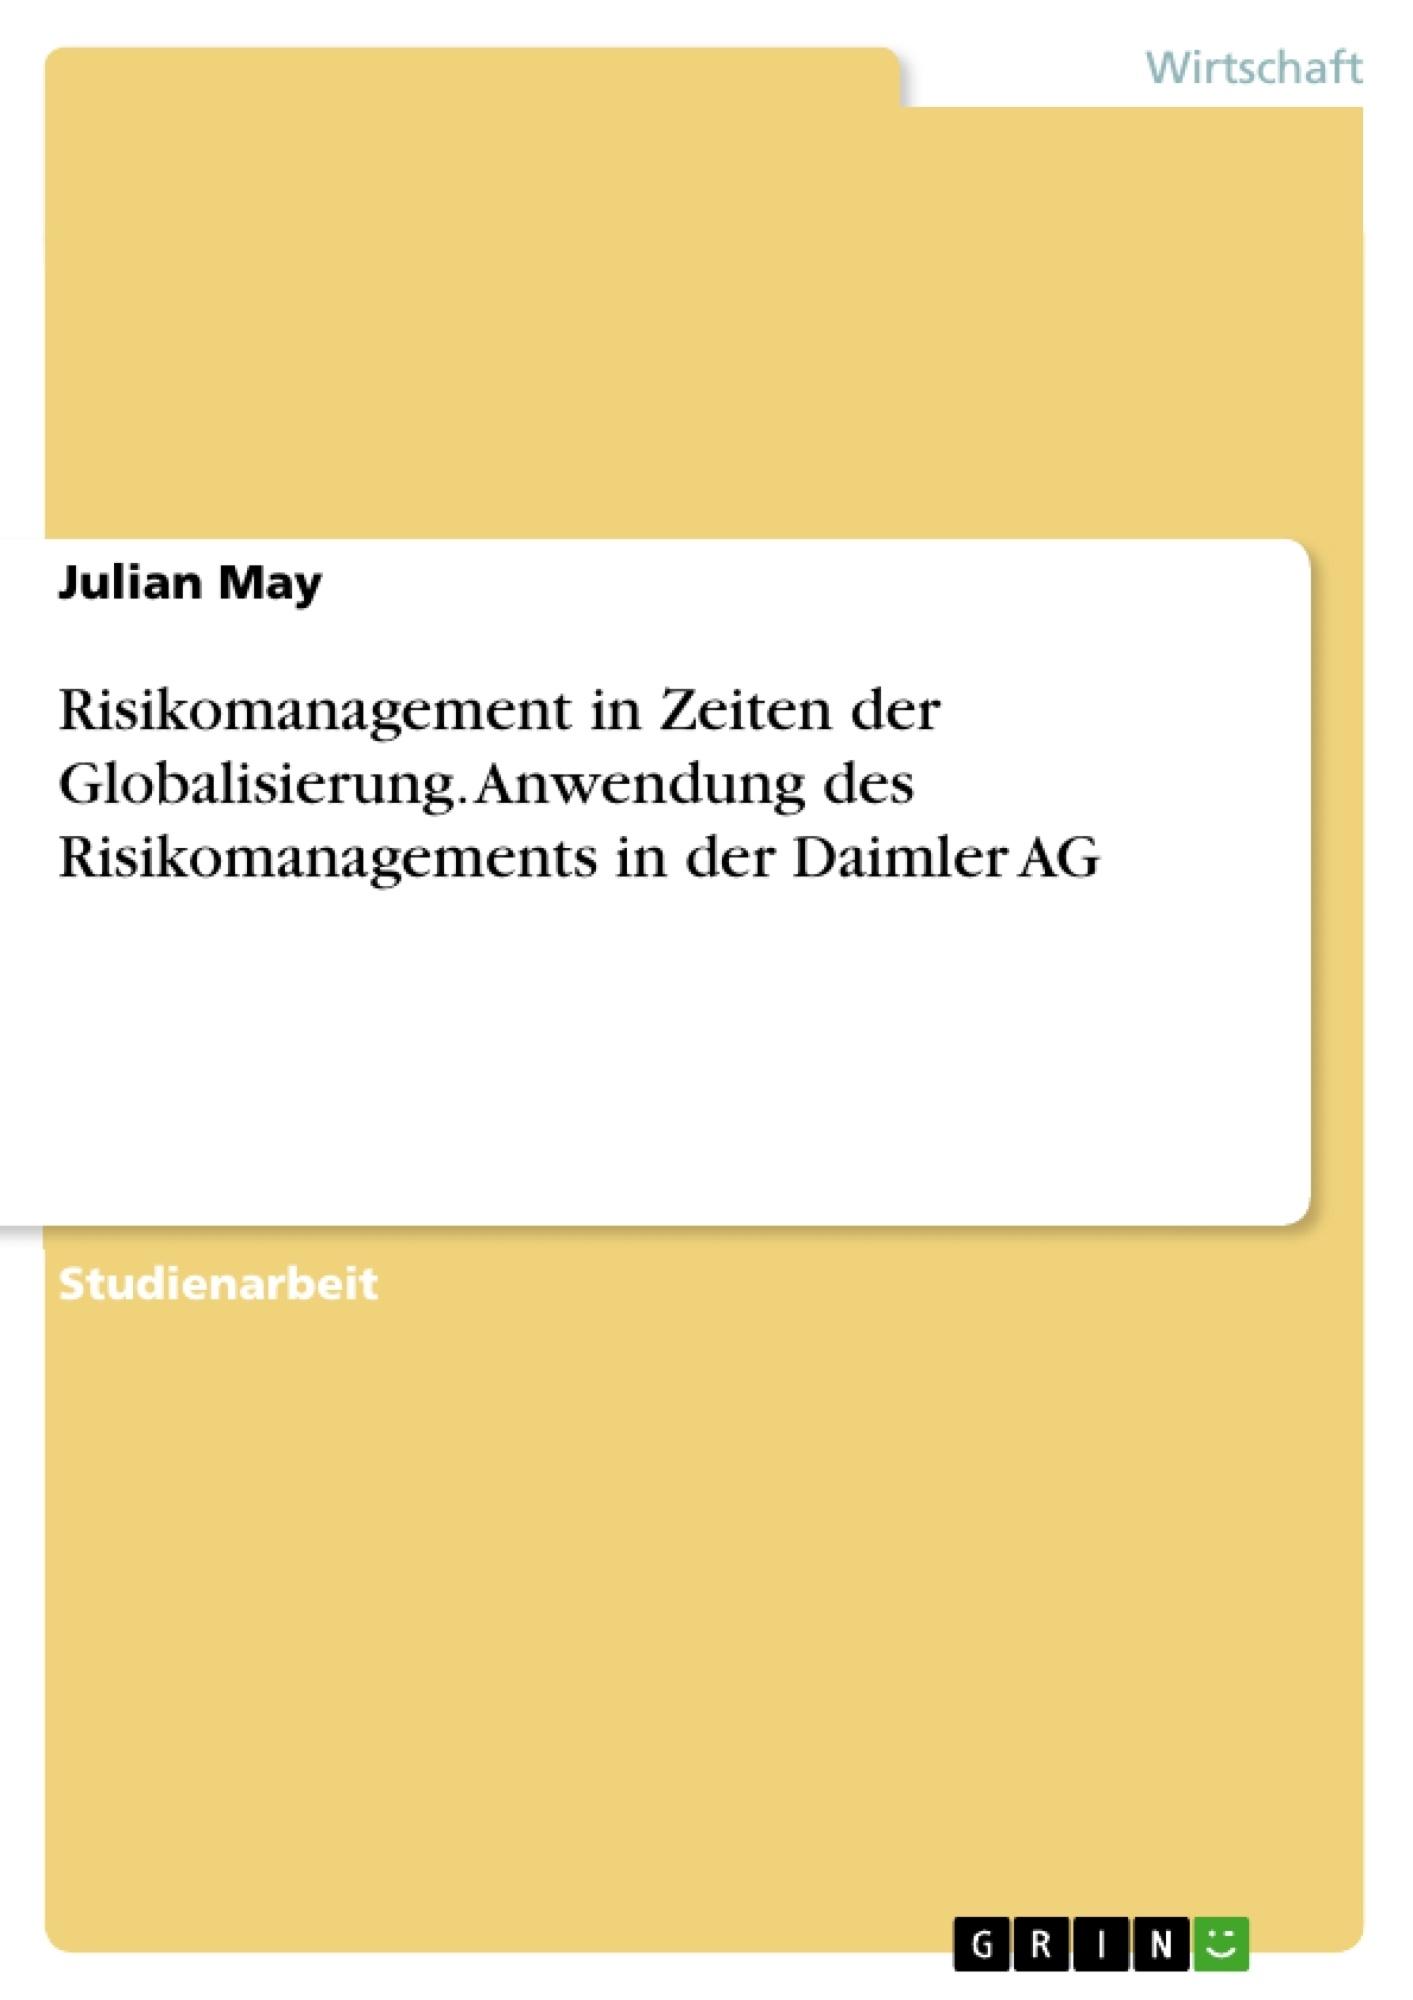 Titel: Risikomanagement in Zeiten der Globalisierung. Anwendung des Risikomanagements in der Daimler AG